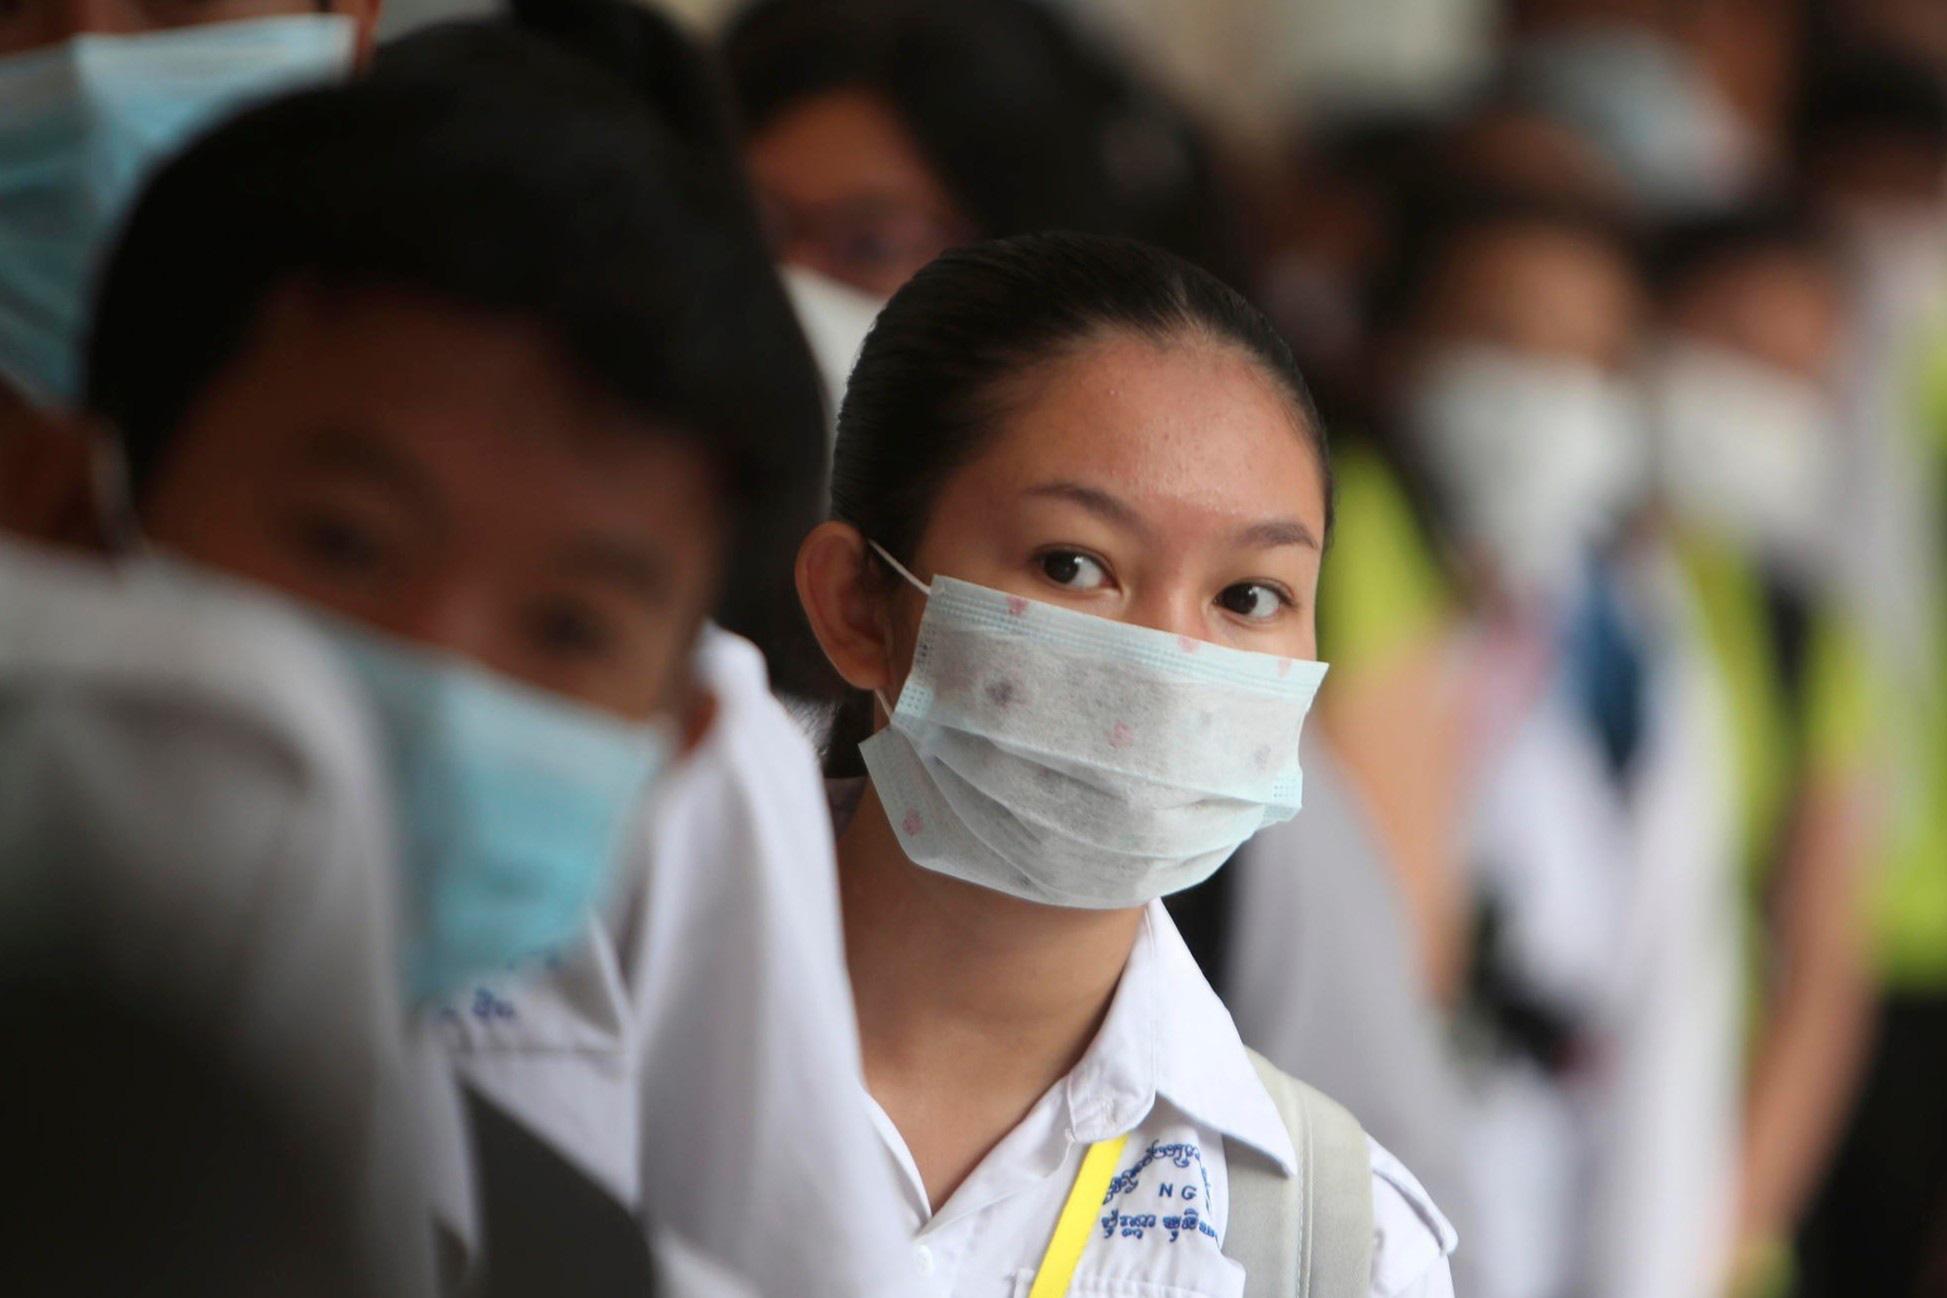 8 tỉnh, thành thành phố đã có thông báo về việc cho học sinh quay lại trường vào tuần sau - Ảnh 1.